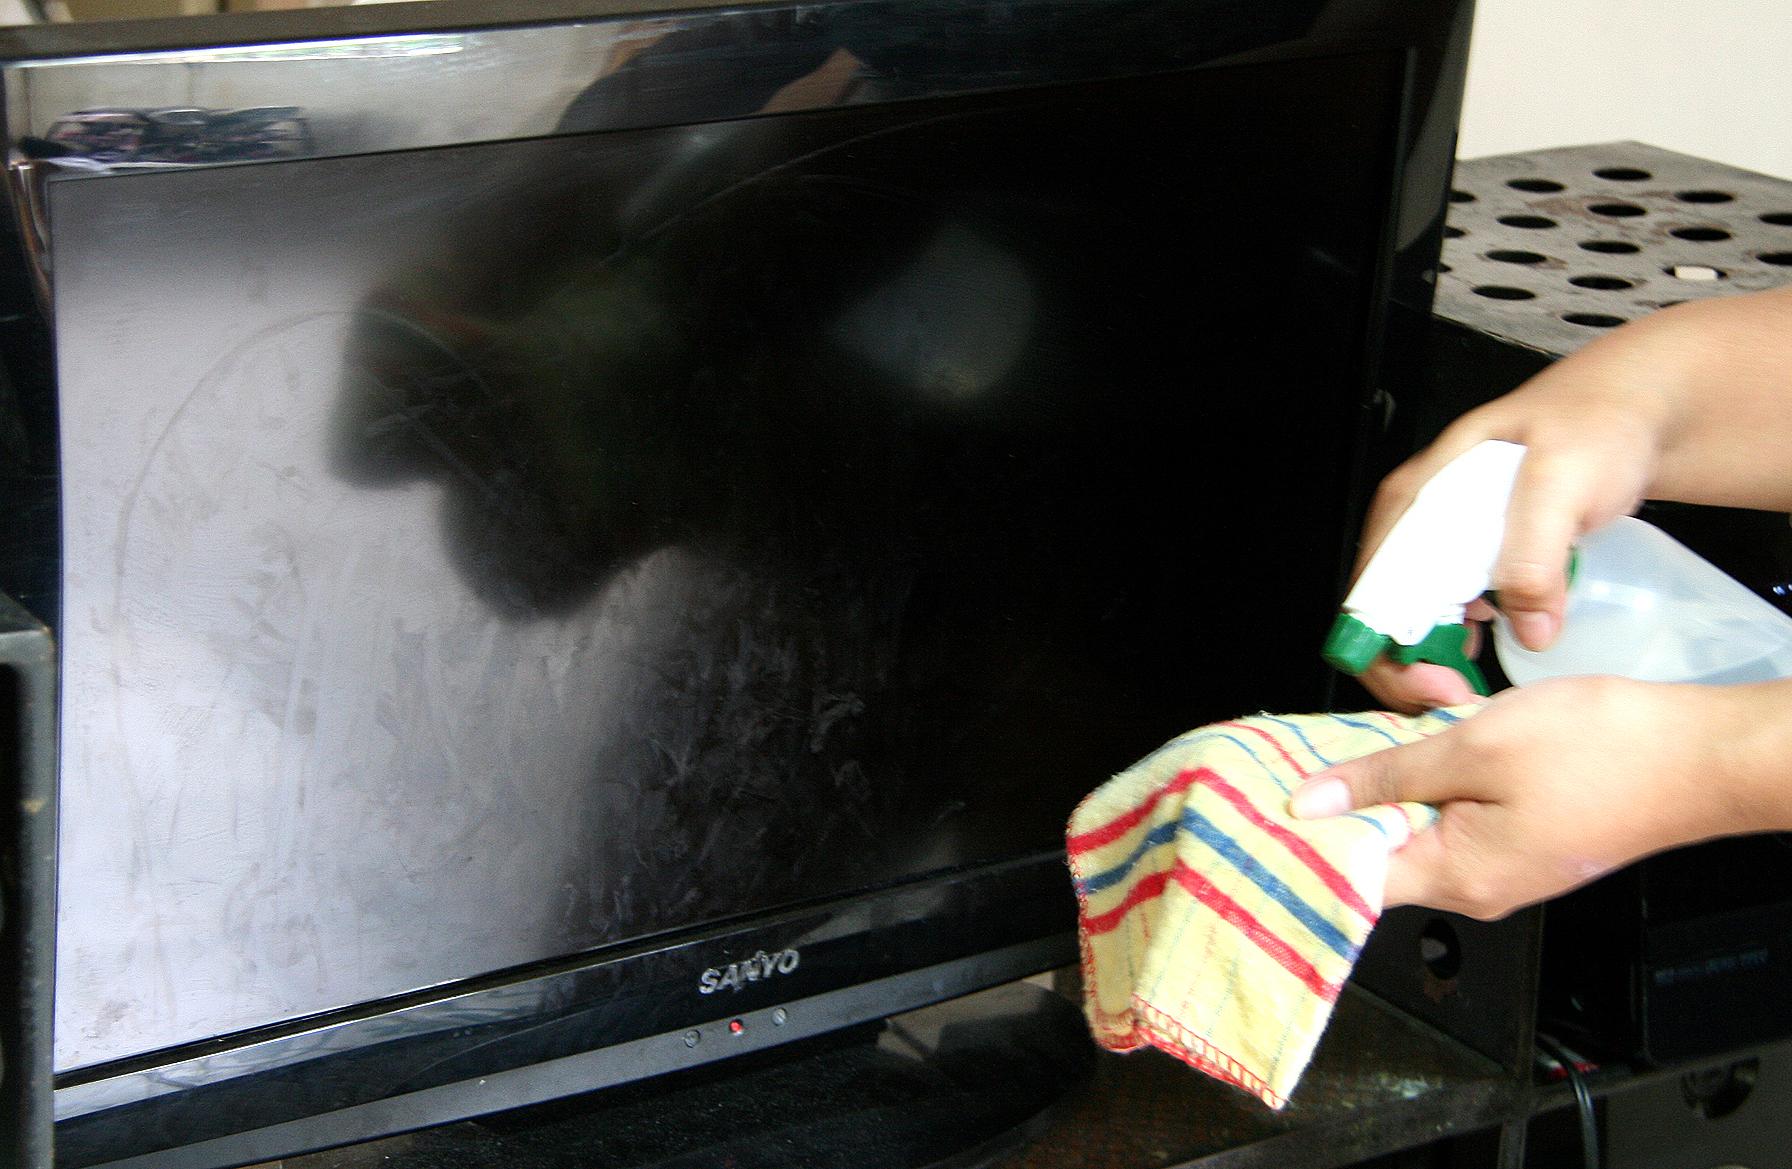 Царапины на экране телевизора